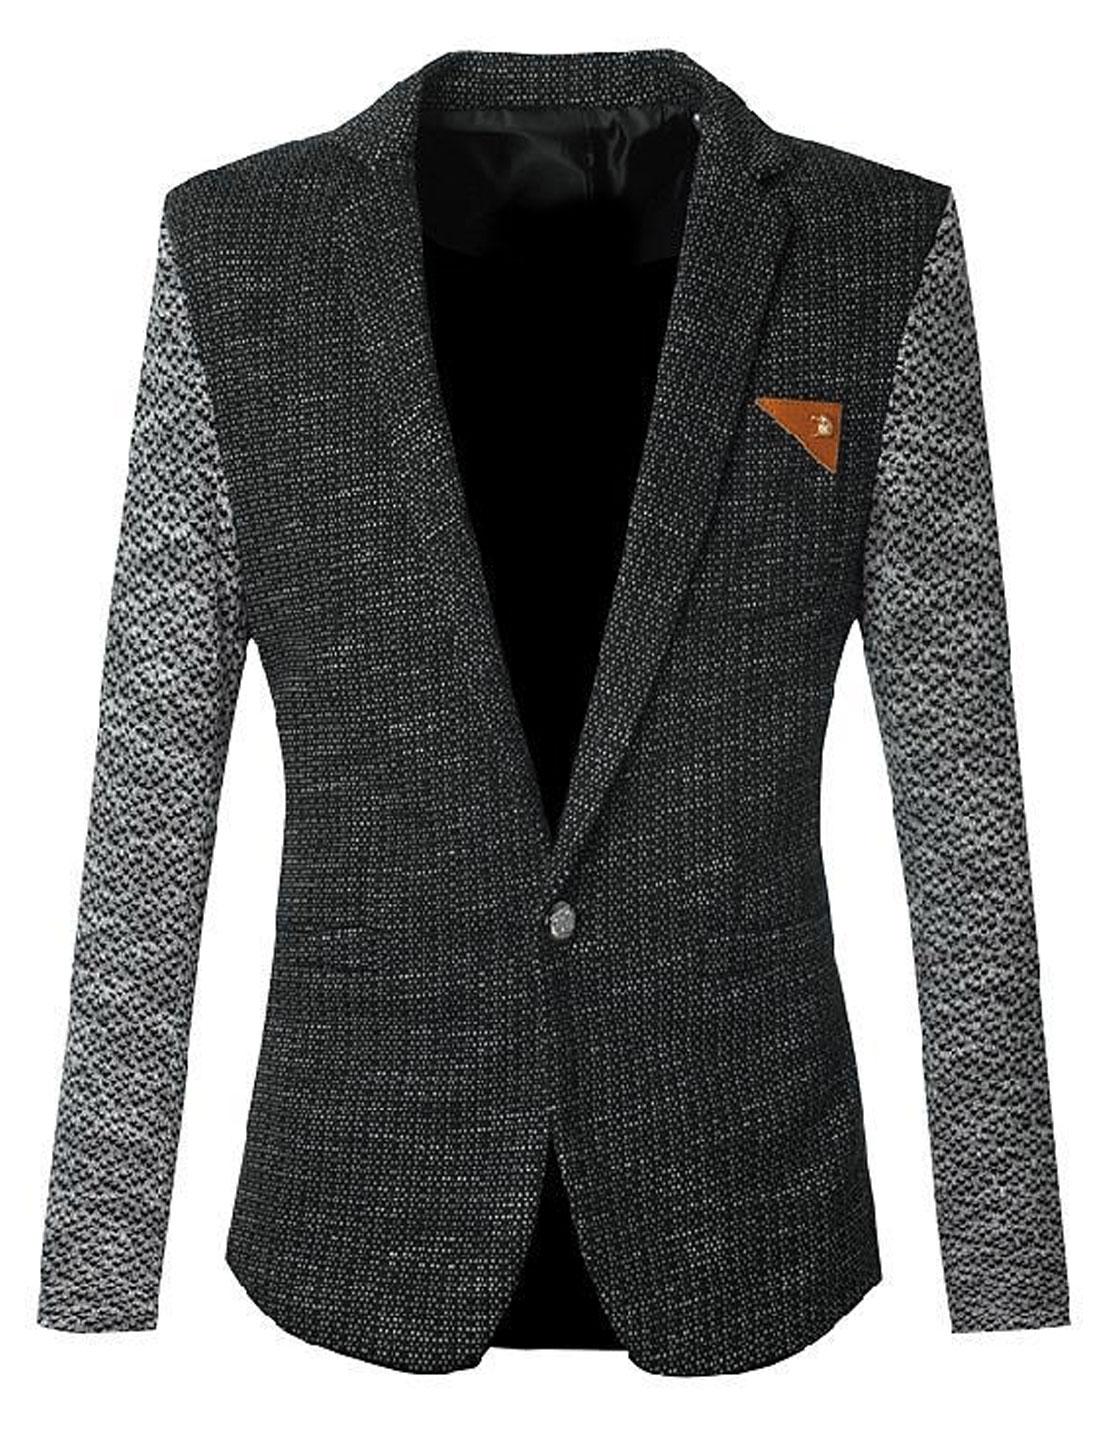 Men Contrast Color Notched Lapel Premium Blazer Jacket Black S